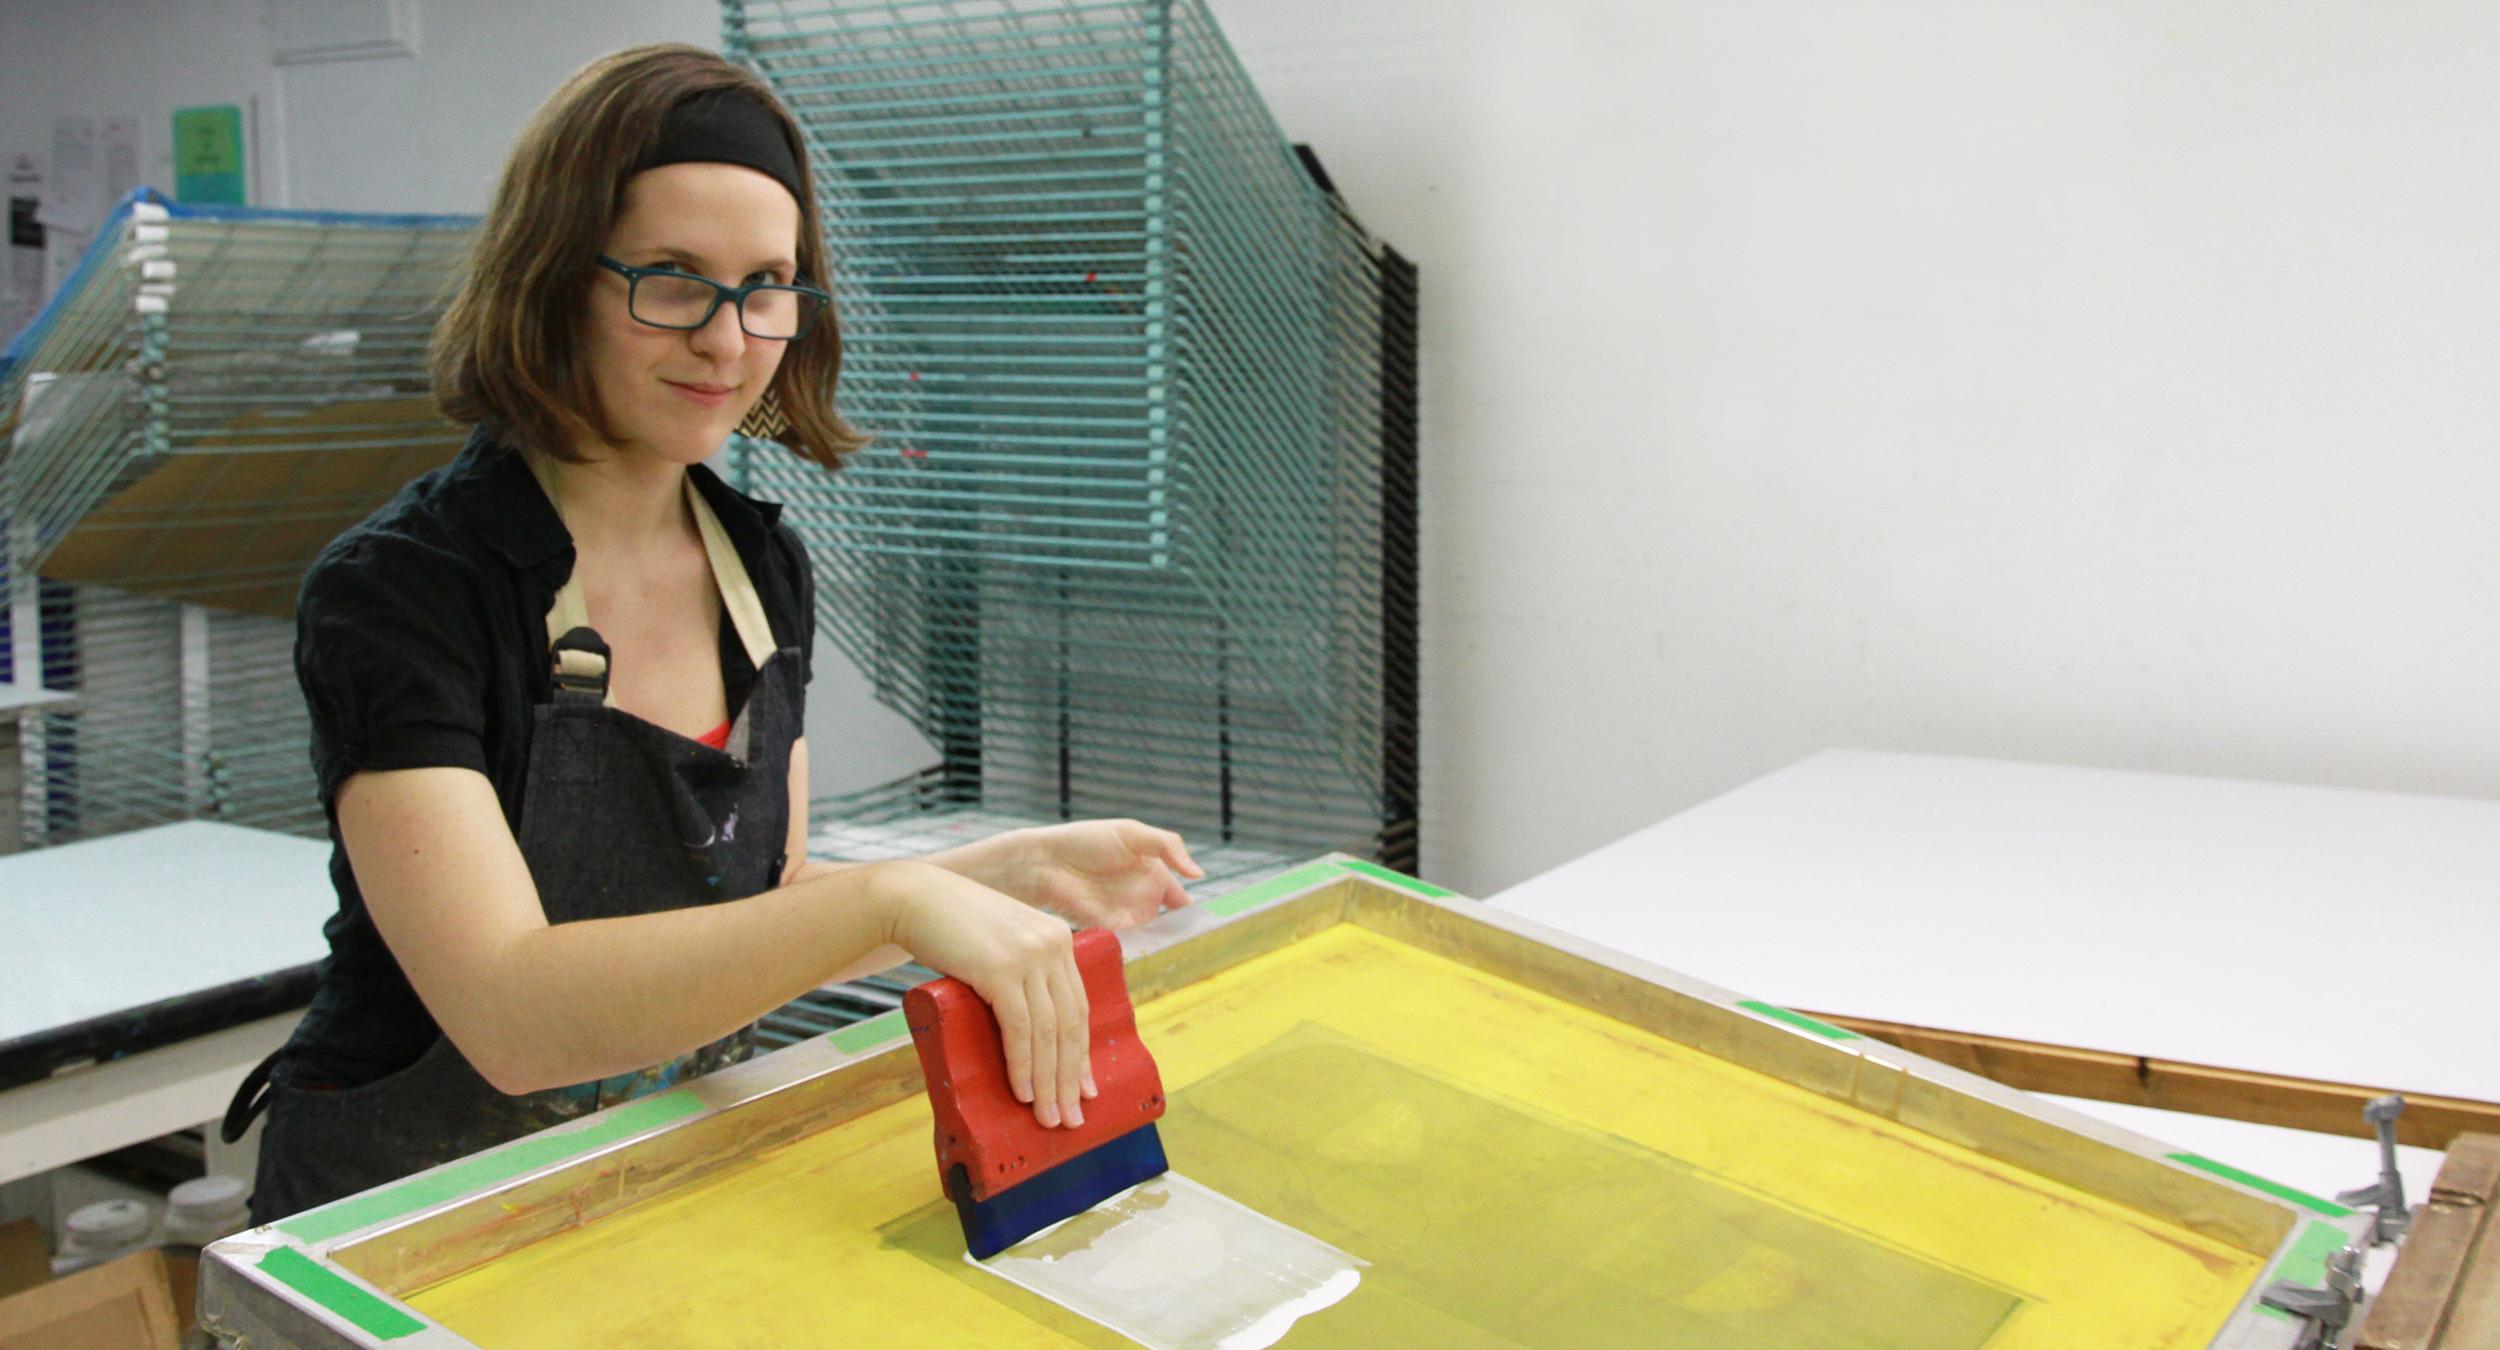 Patricia Bouffard-Lavoie au travail. Technique d'estampe : sérigraphie.  Qu'est-ce que c'est? Crédit photo : Catherine Leblond.